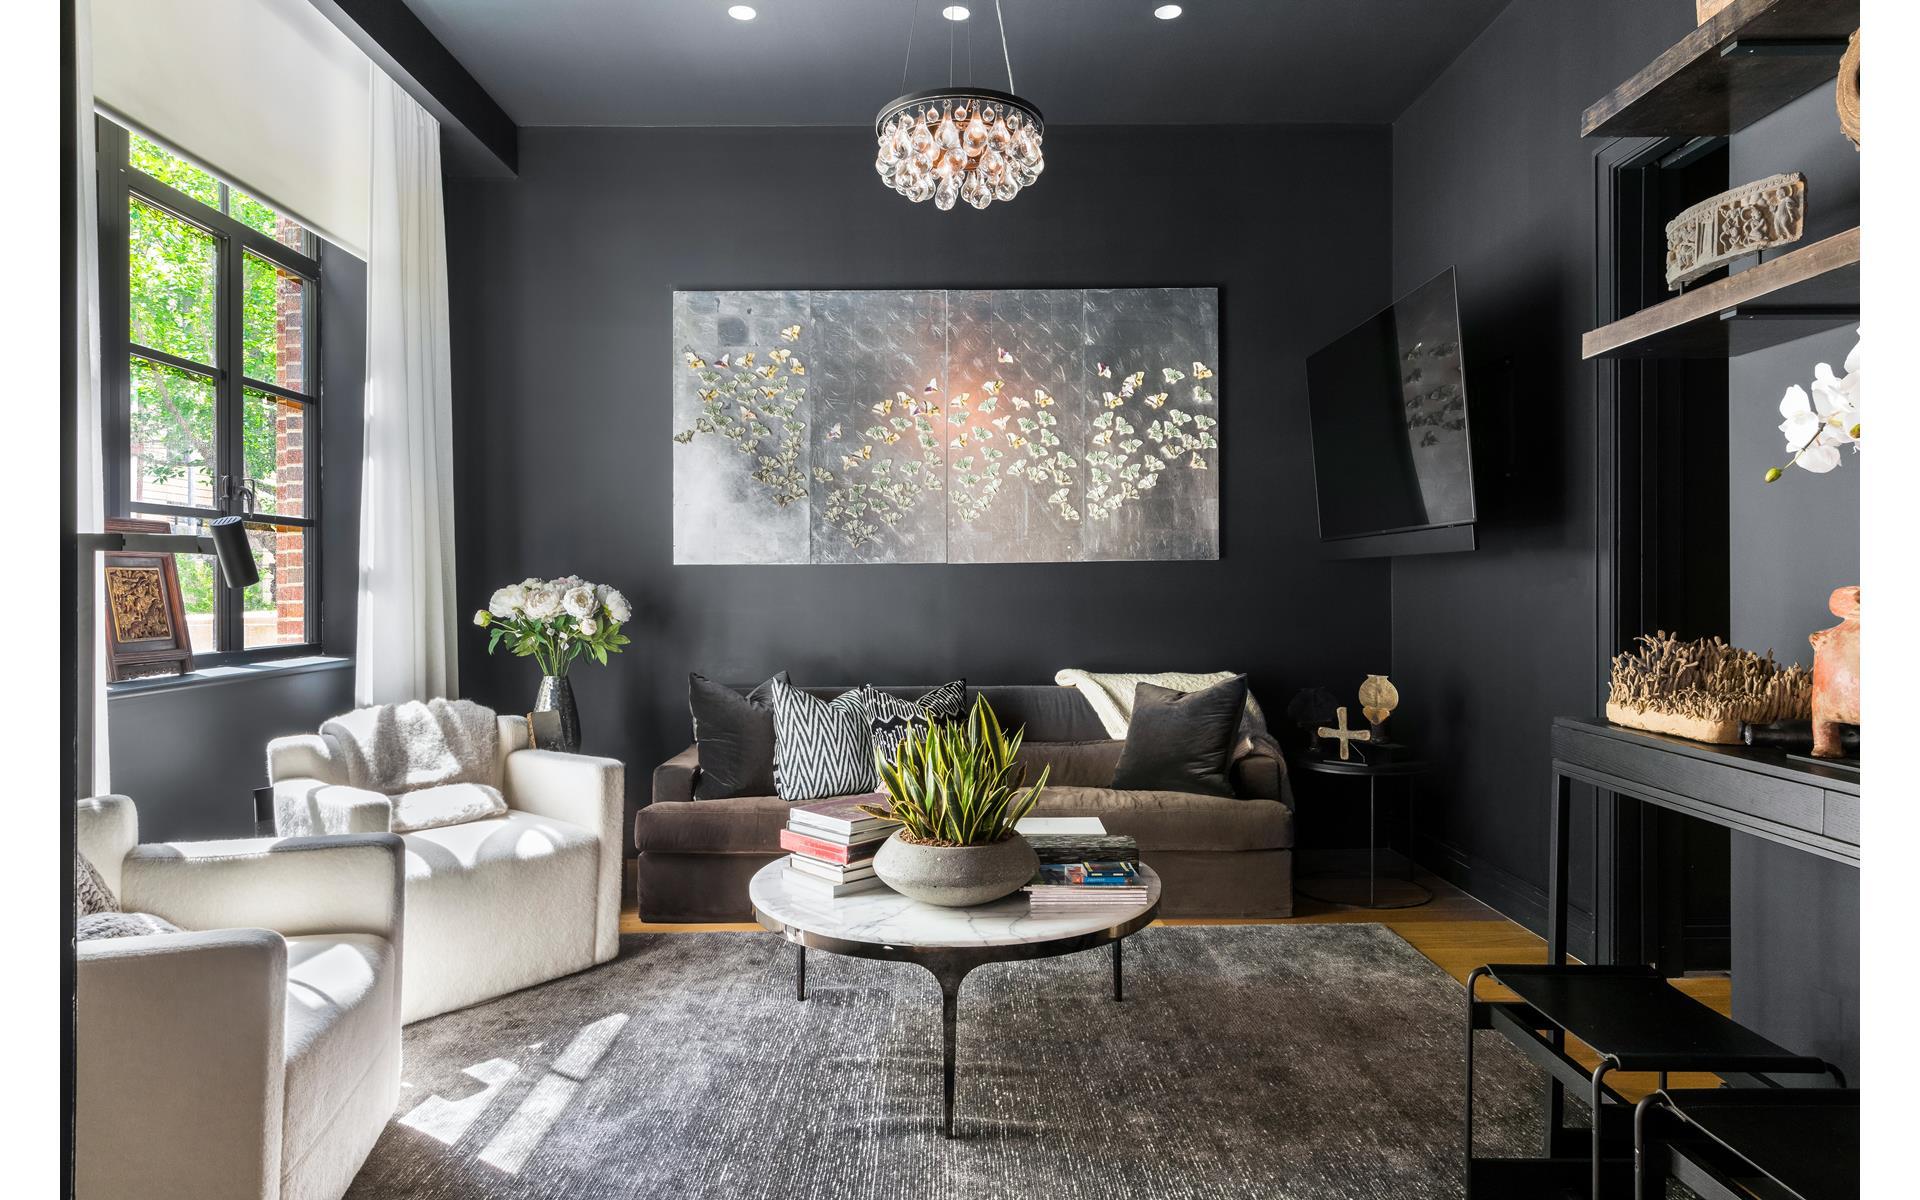 комната черные стены потолок диван кресло ковер круглый столик